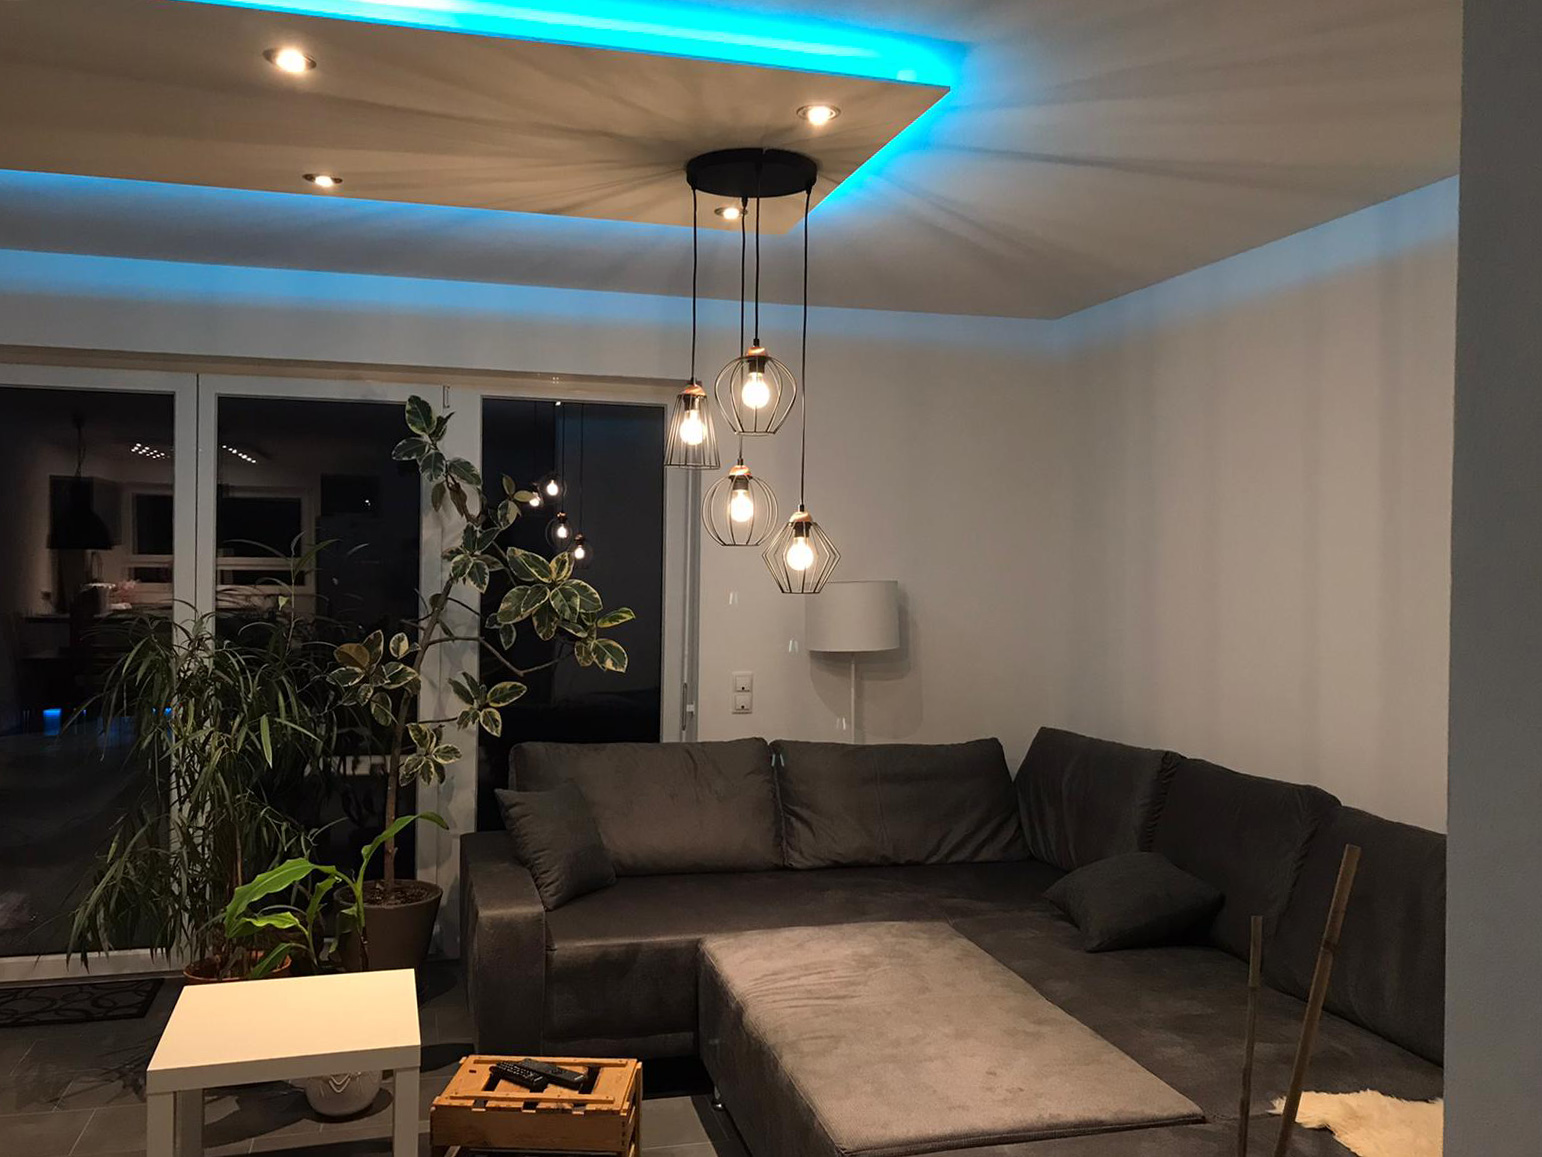 Full Size of Lisego Deckensegel Saubere Alternative Zur Abgehngten Decke Stehlampen Wohnzimmer Deckenlampen Für Led Deckenleuchte Lampe Badezimmer Großes Bild Bad Wohnzimmer Decke Beleuchtung Wohnzimmer Ideen